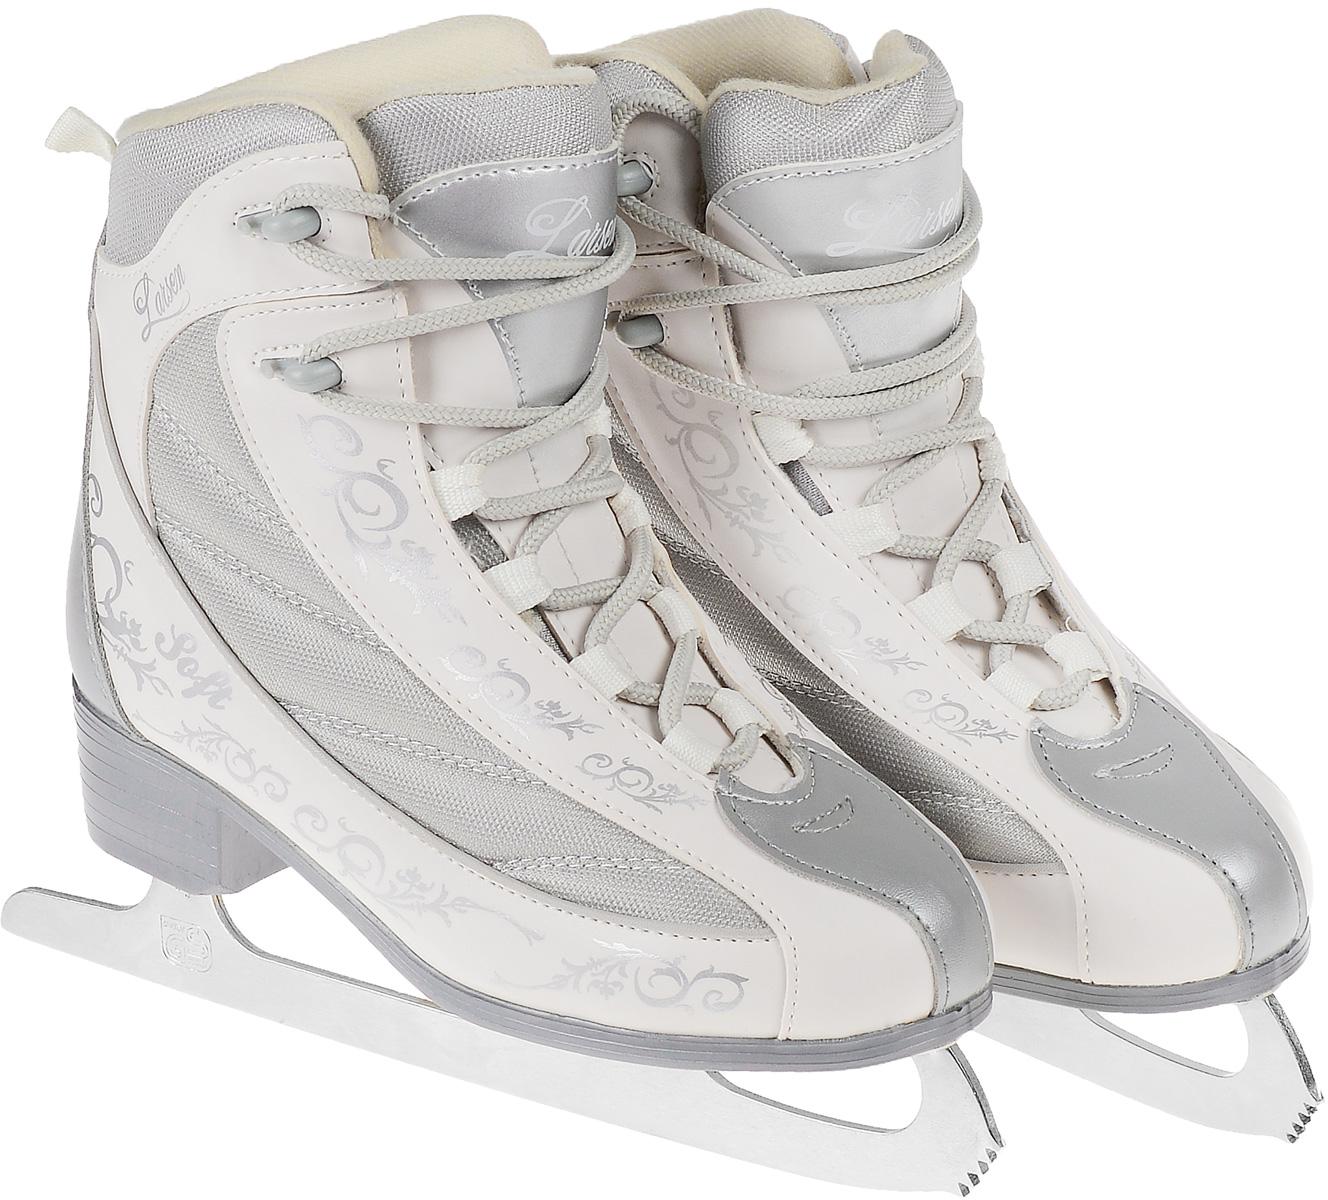 Коньки фигурные женские Larsen Soft, цвет: белый, серый. Размер 38